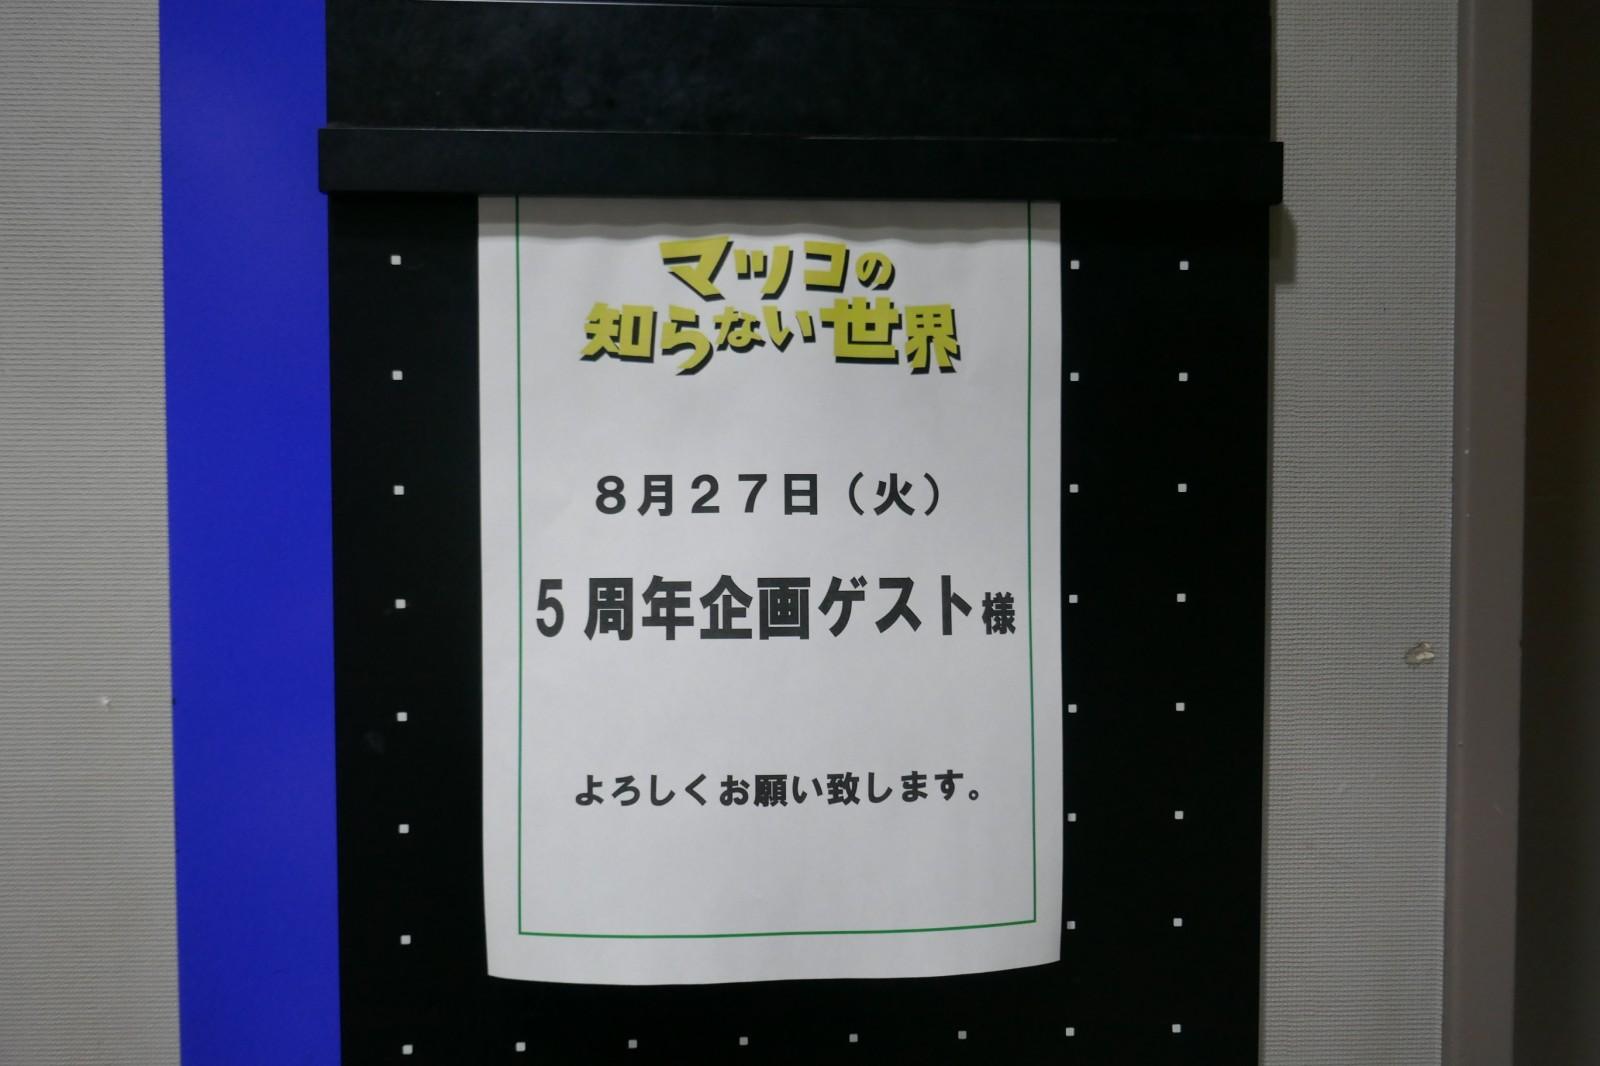 9月17日「マツコの知らない世界」は5周年スペシャル!!407世界集結~の中で「冷凍食品の世界」はスタジオに登場~♪